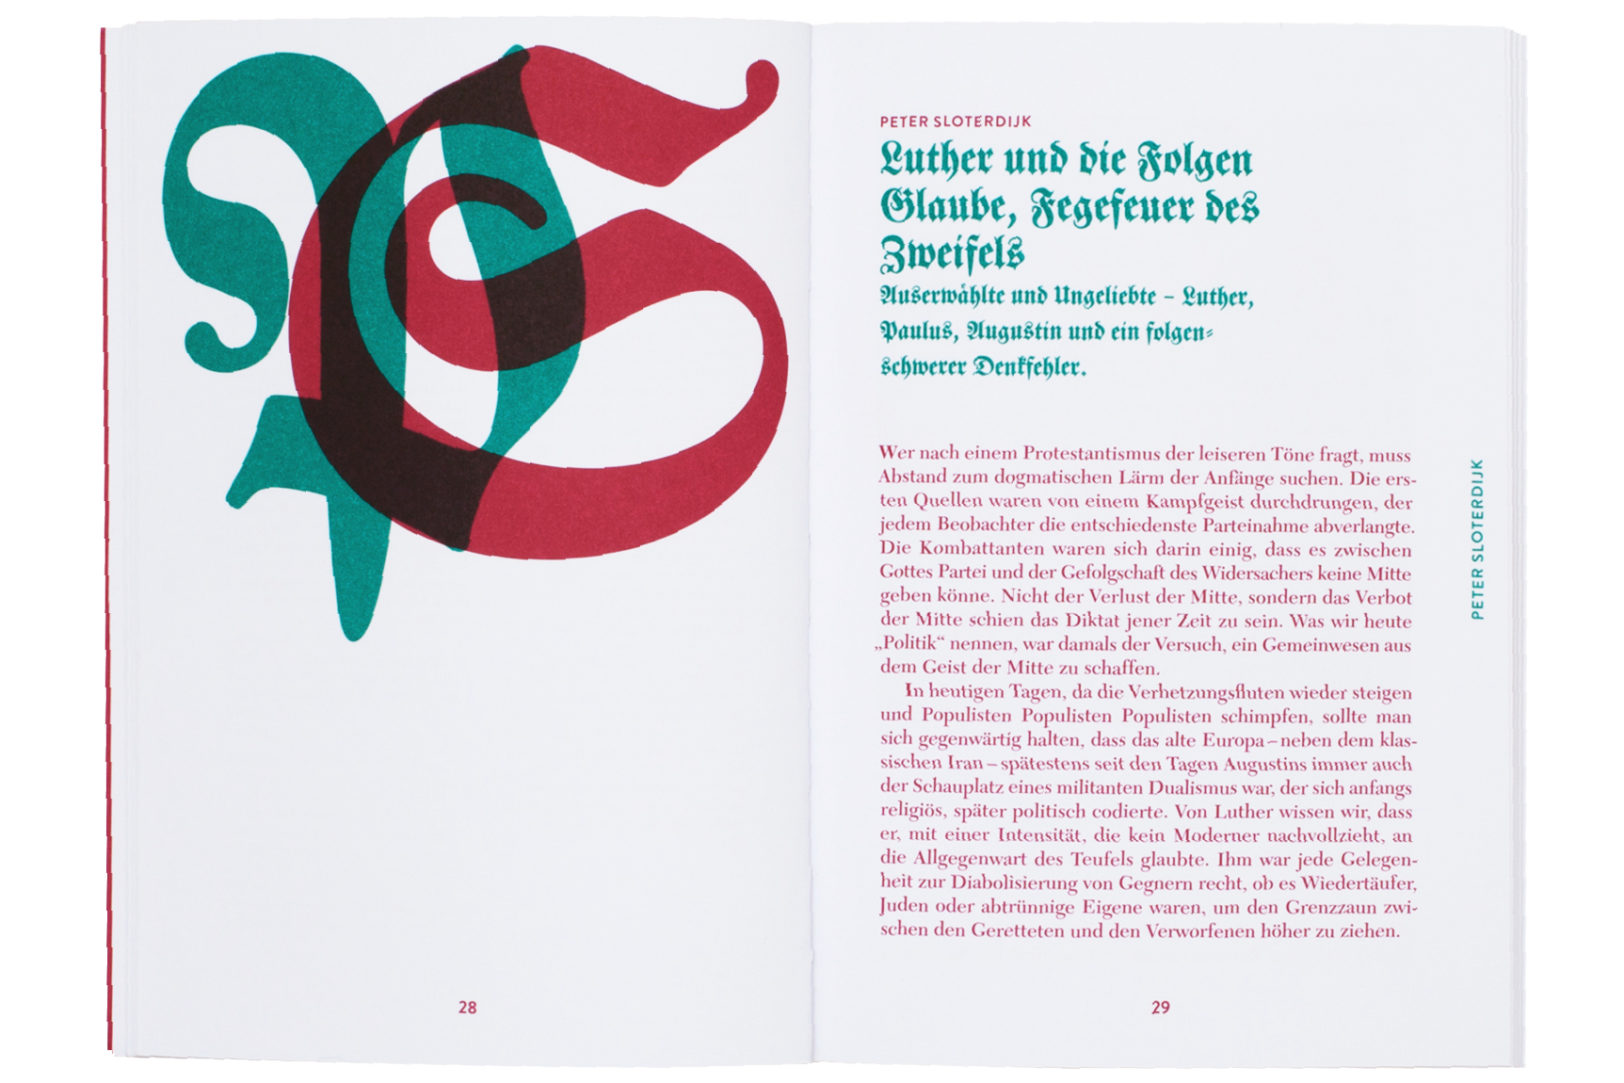 http://e-o-t.de/wordpress/wp-content/uploads/2017/12/e-o-t-2017-Books-ref-leselust-10.jpg